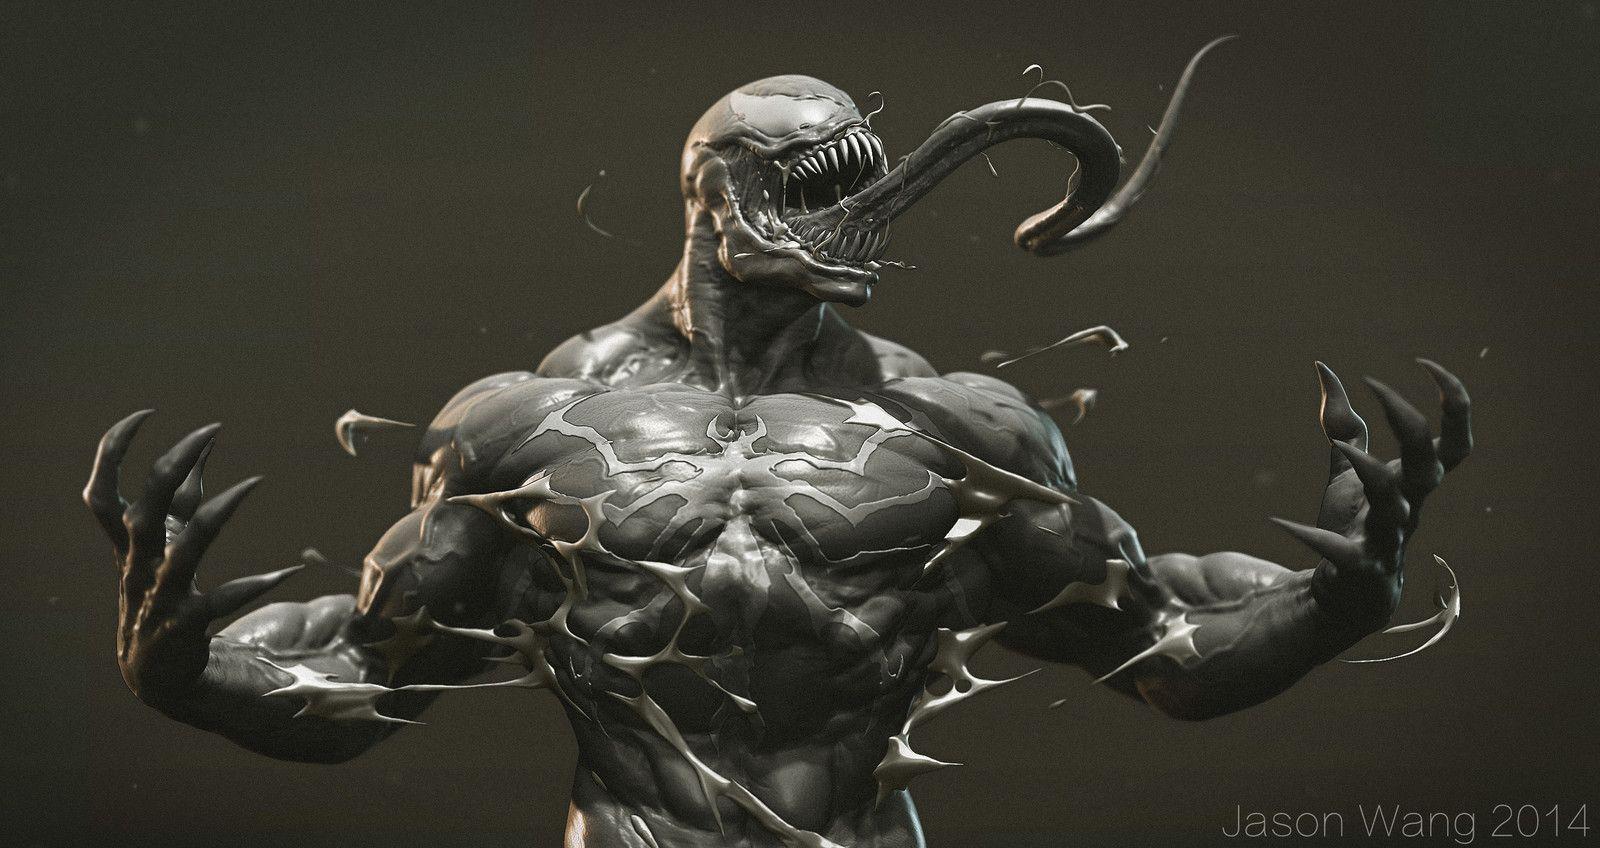 Venom quick sculpt , Jason Wang on ArtStation at https